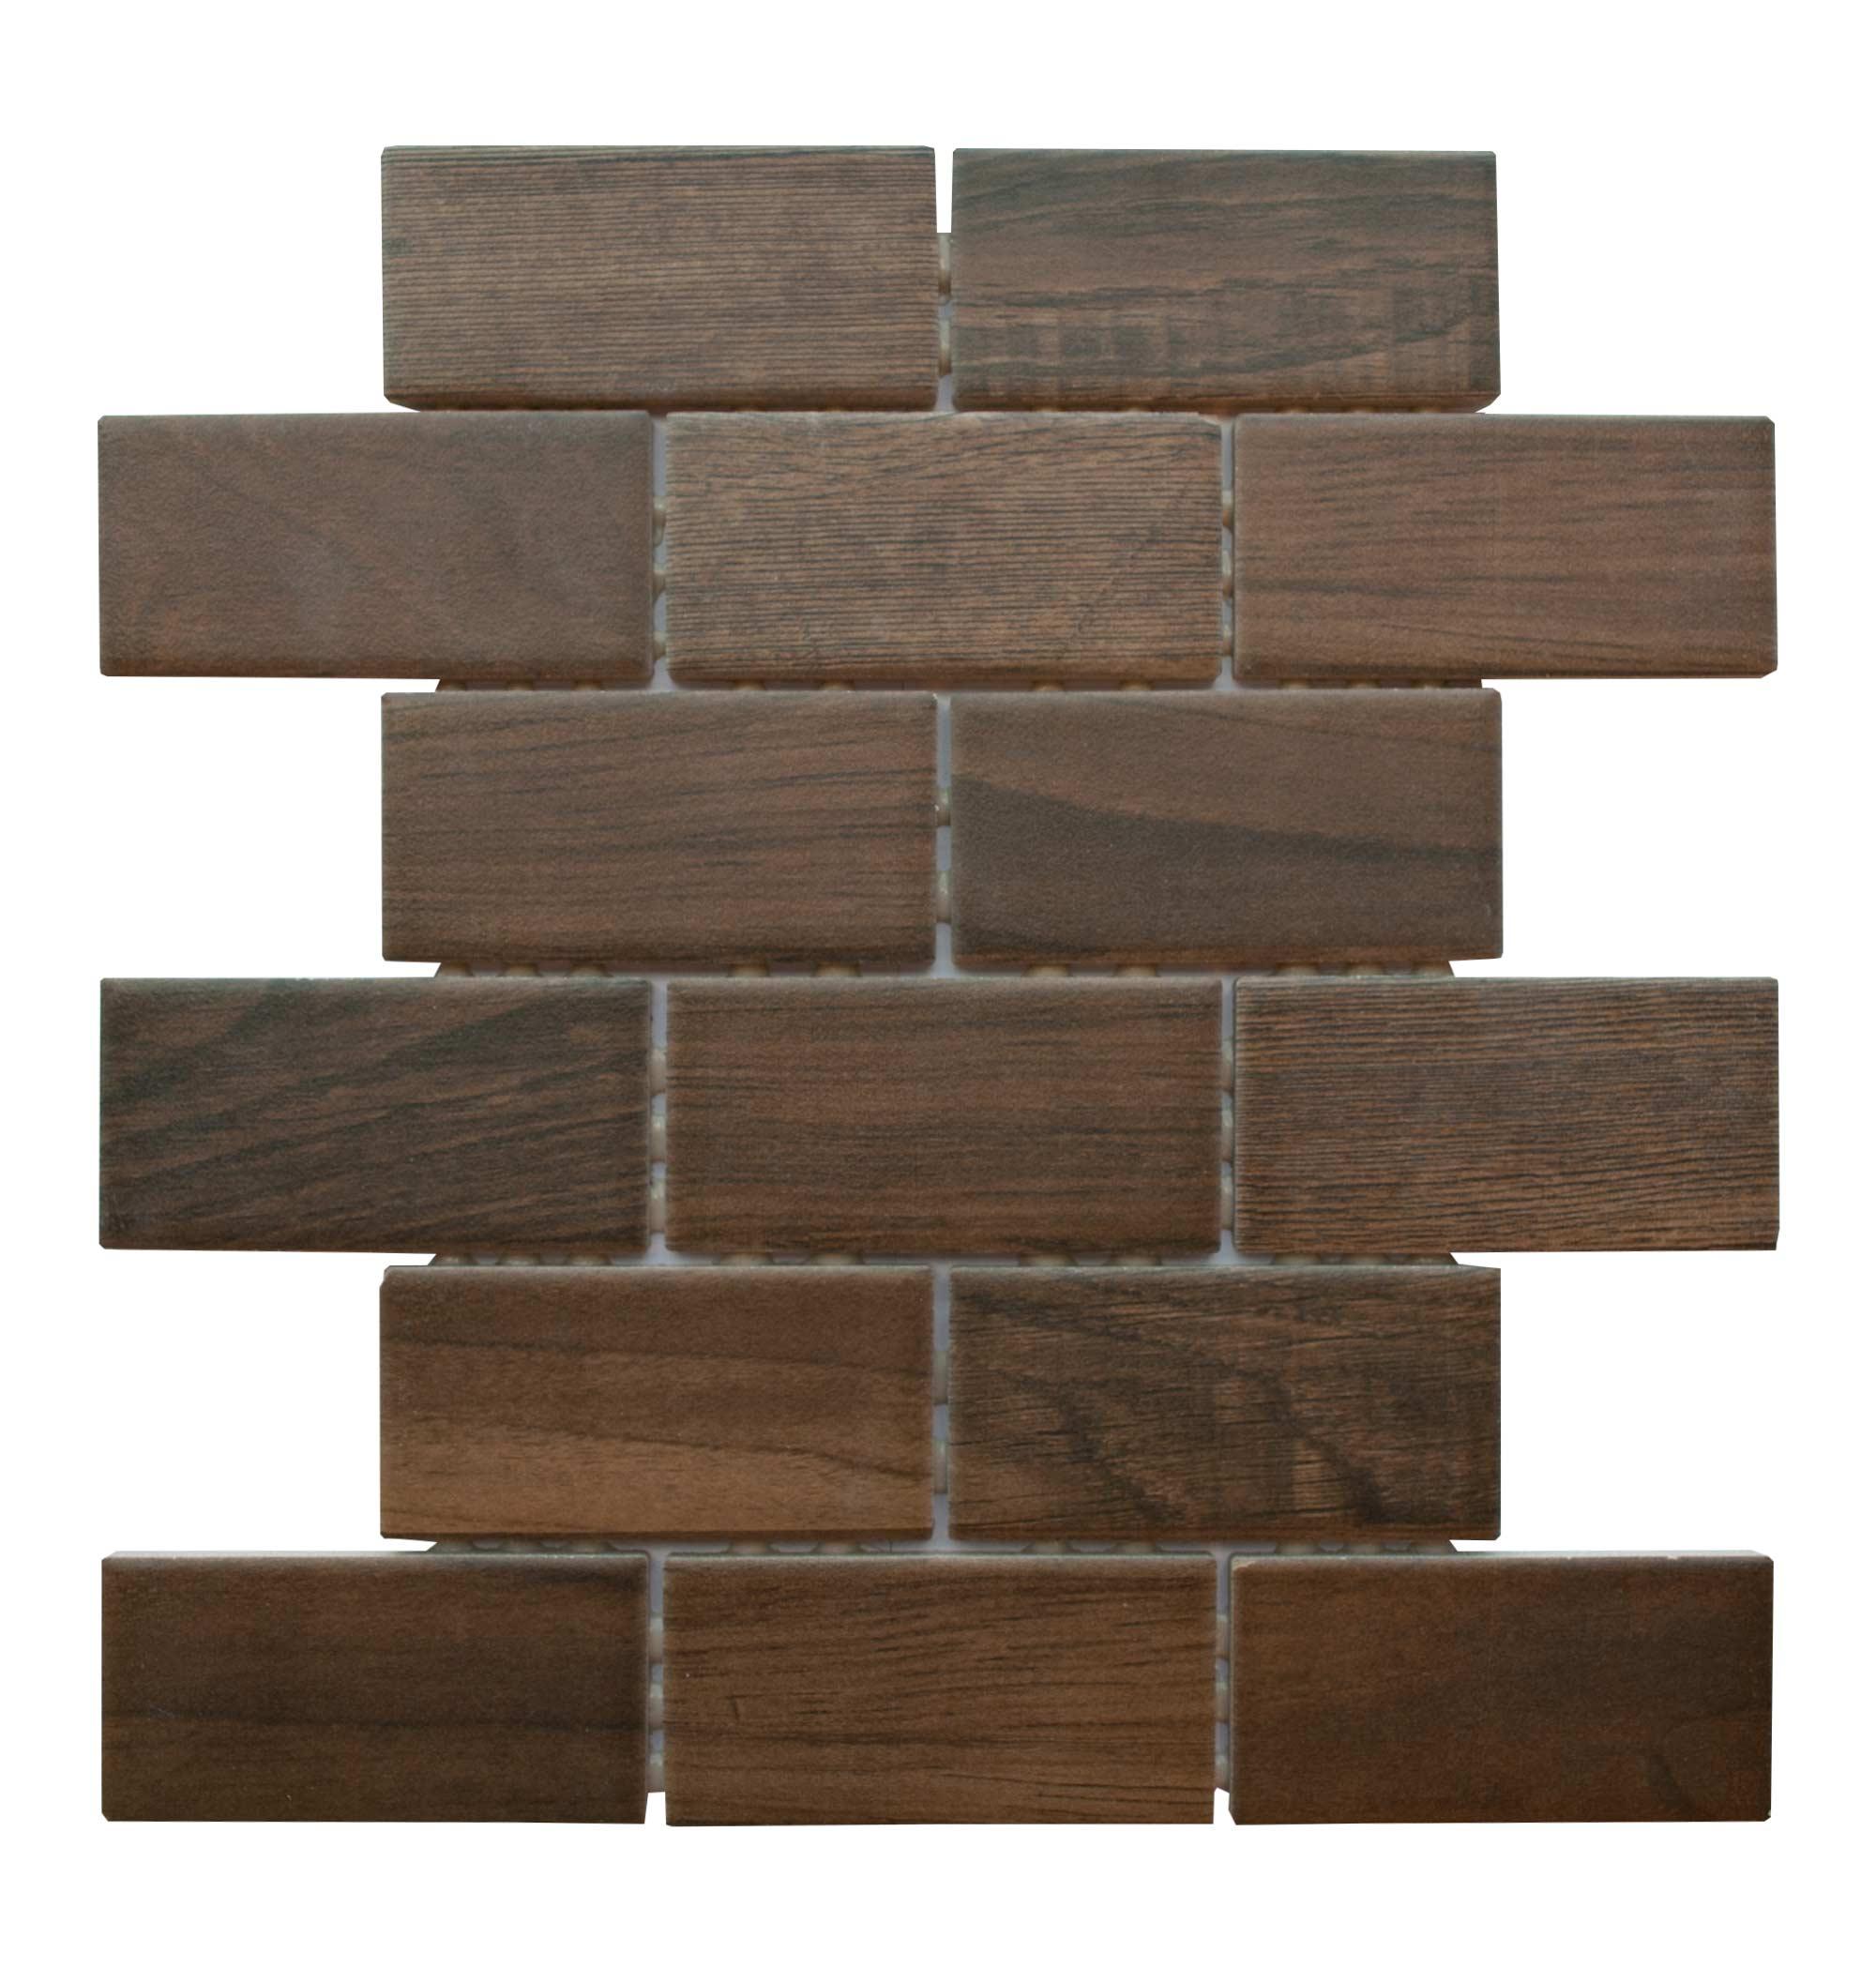 Daltile Emblem Brown Mosaic 2 X 4 Schillings